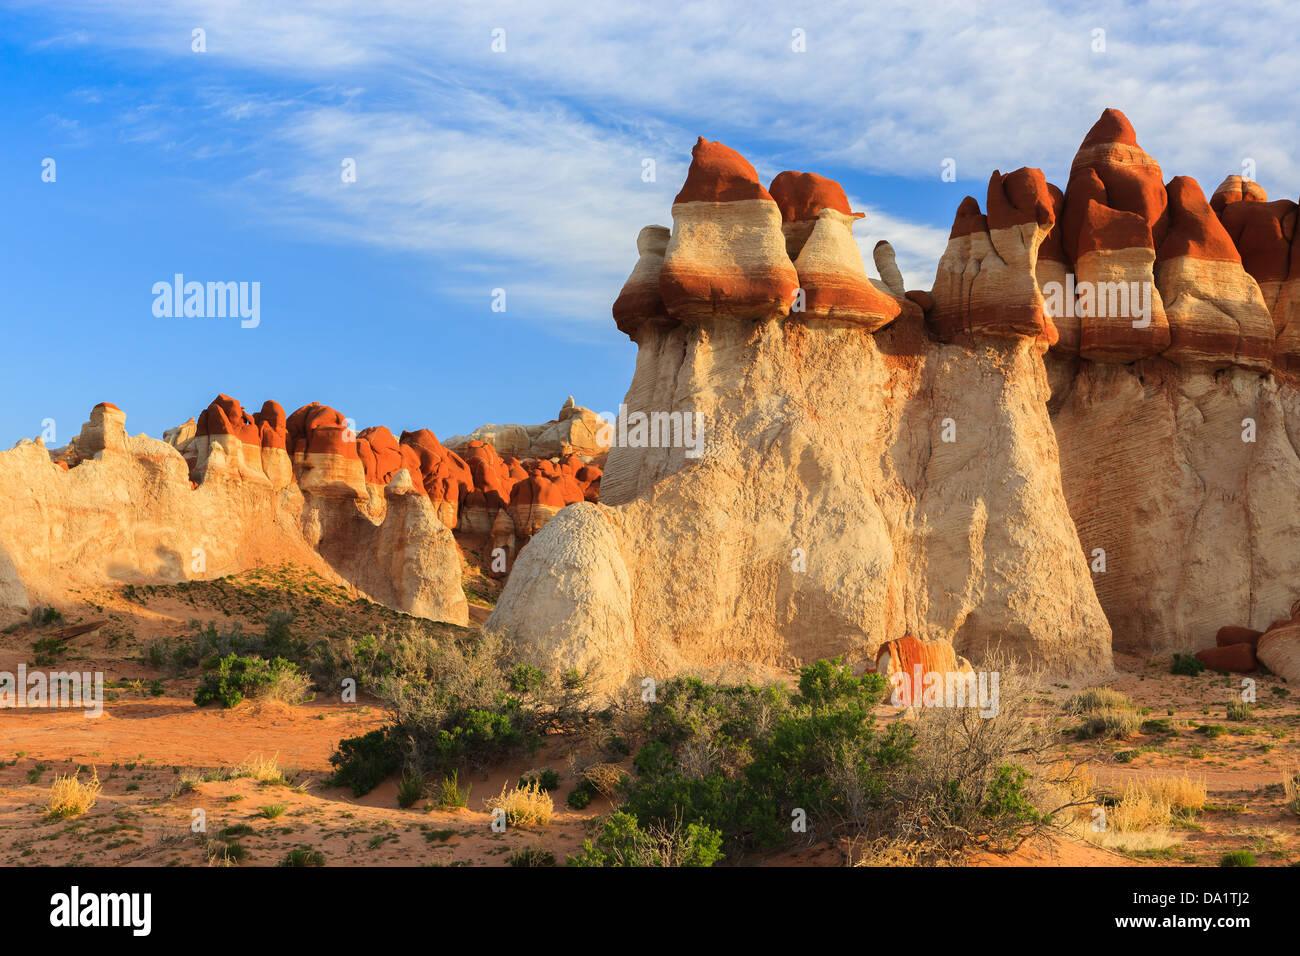 Los cantos rodados de roca roja en el área de Blue Canyon Moenkopi lavar al sur de Tonalea, Arizona, EE.UU. Foto de stock